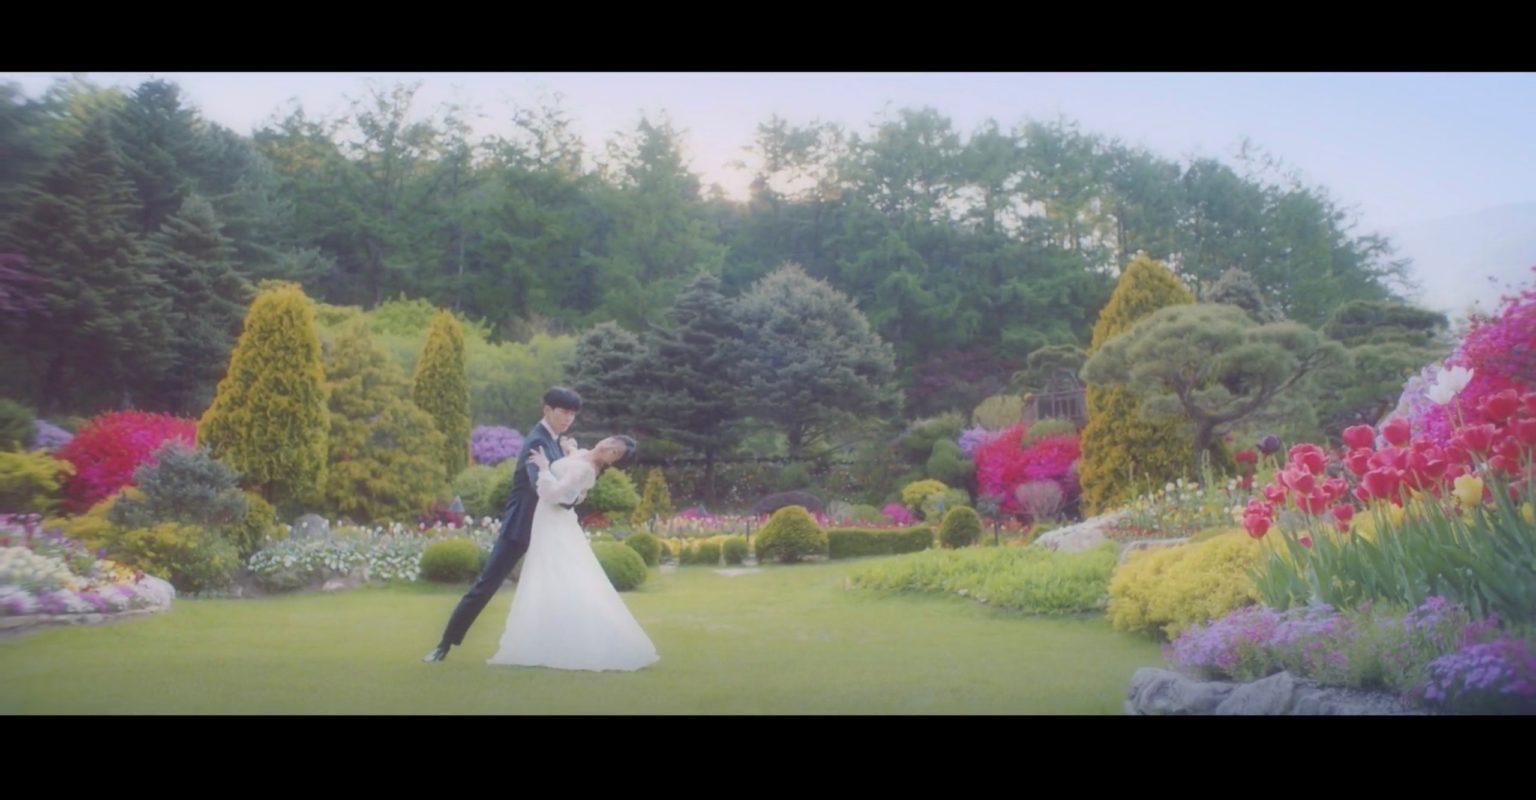 The Garden of Morning Calm [아침고요수목원] – Korean Dramaland